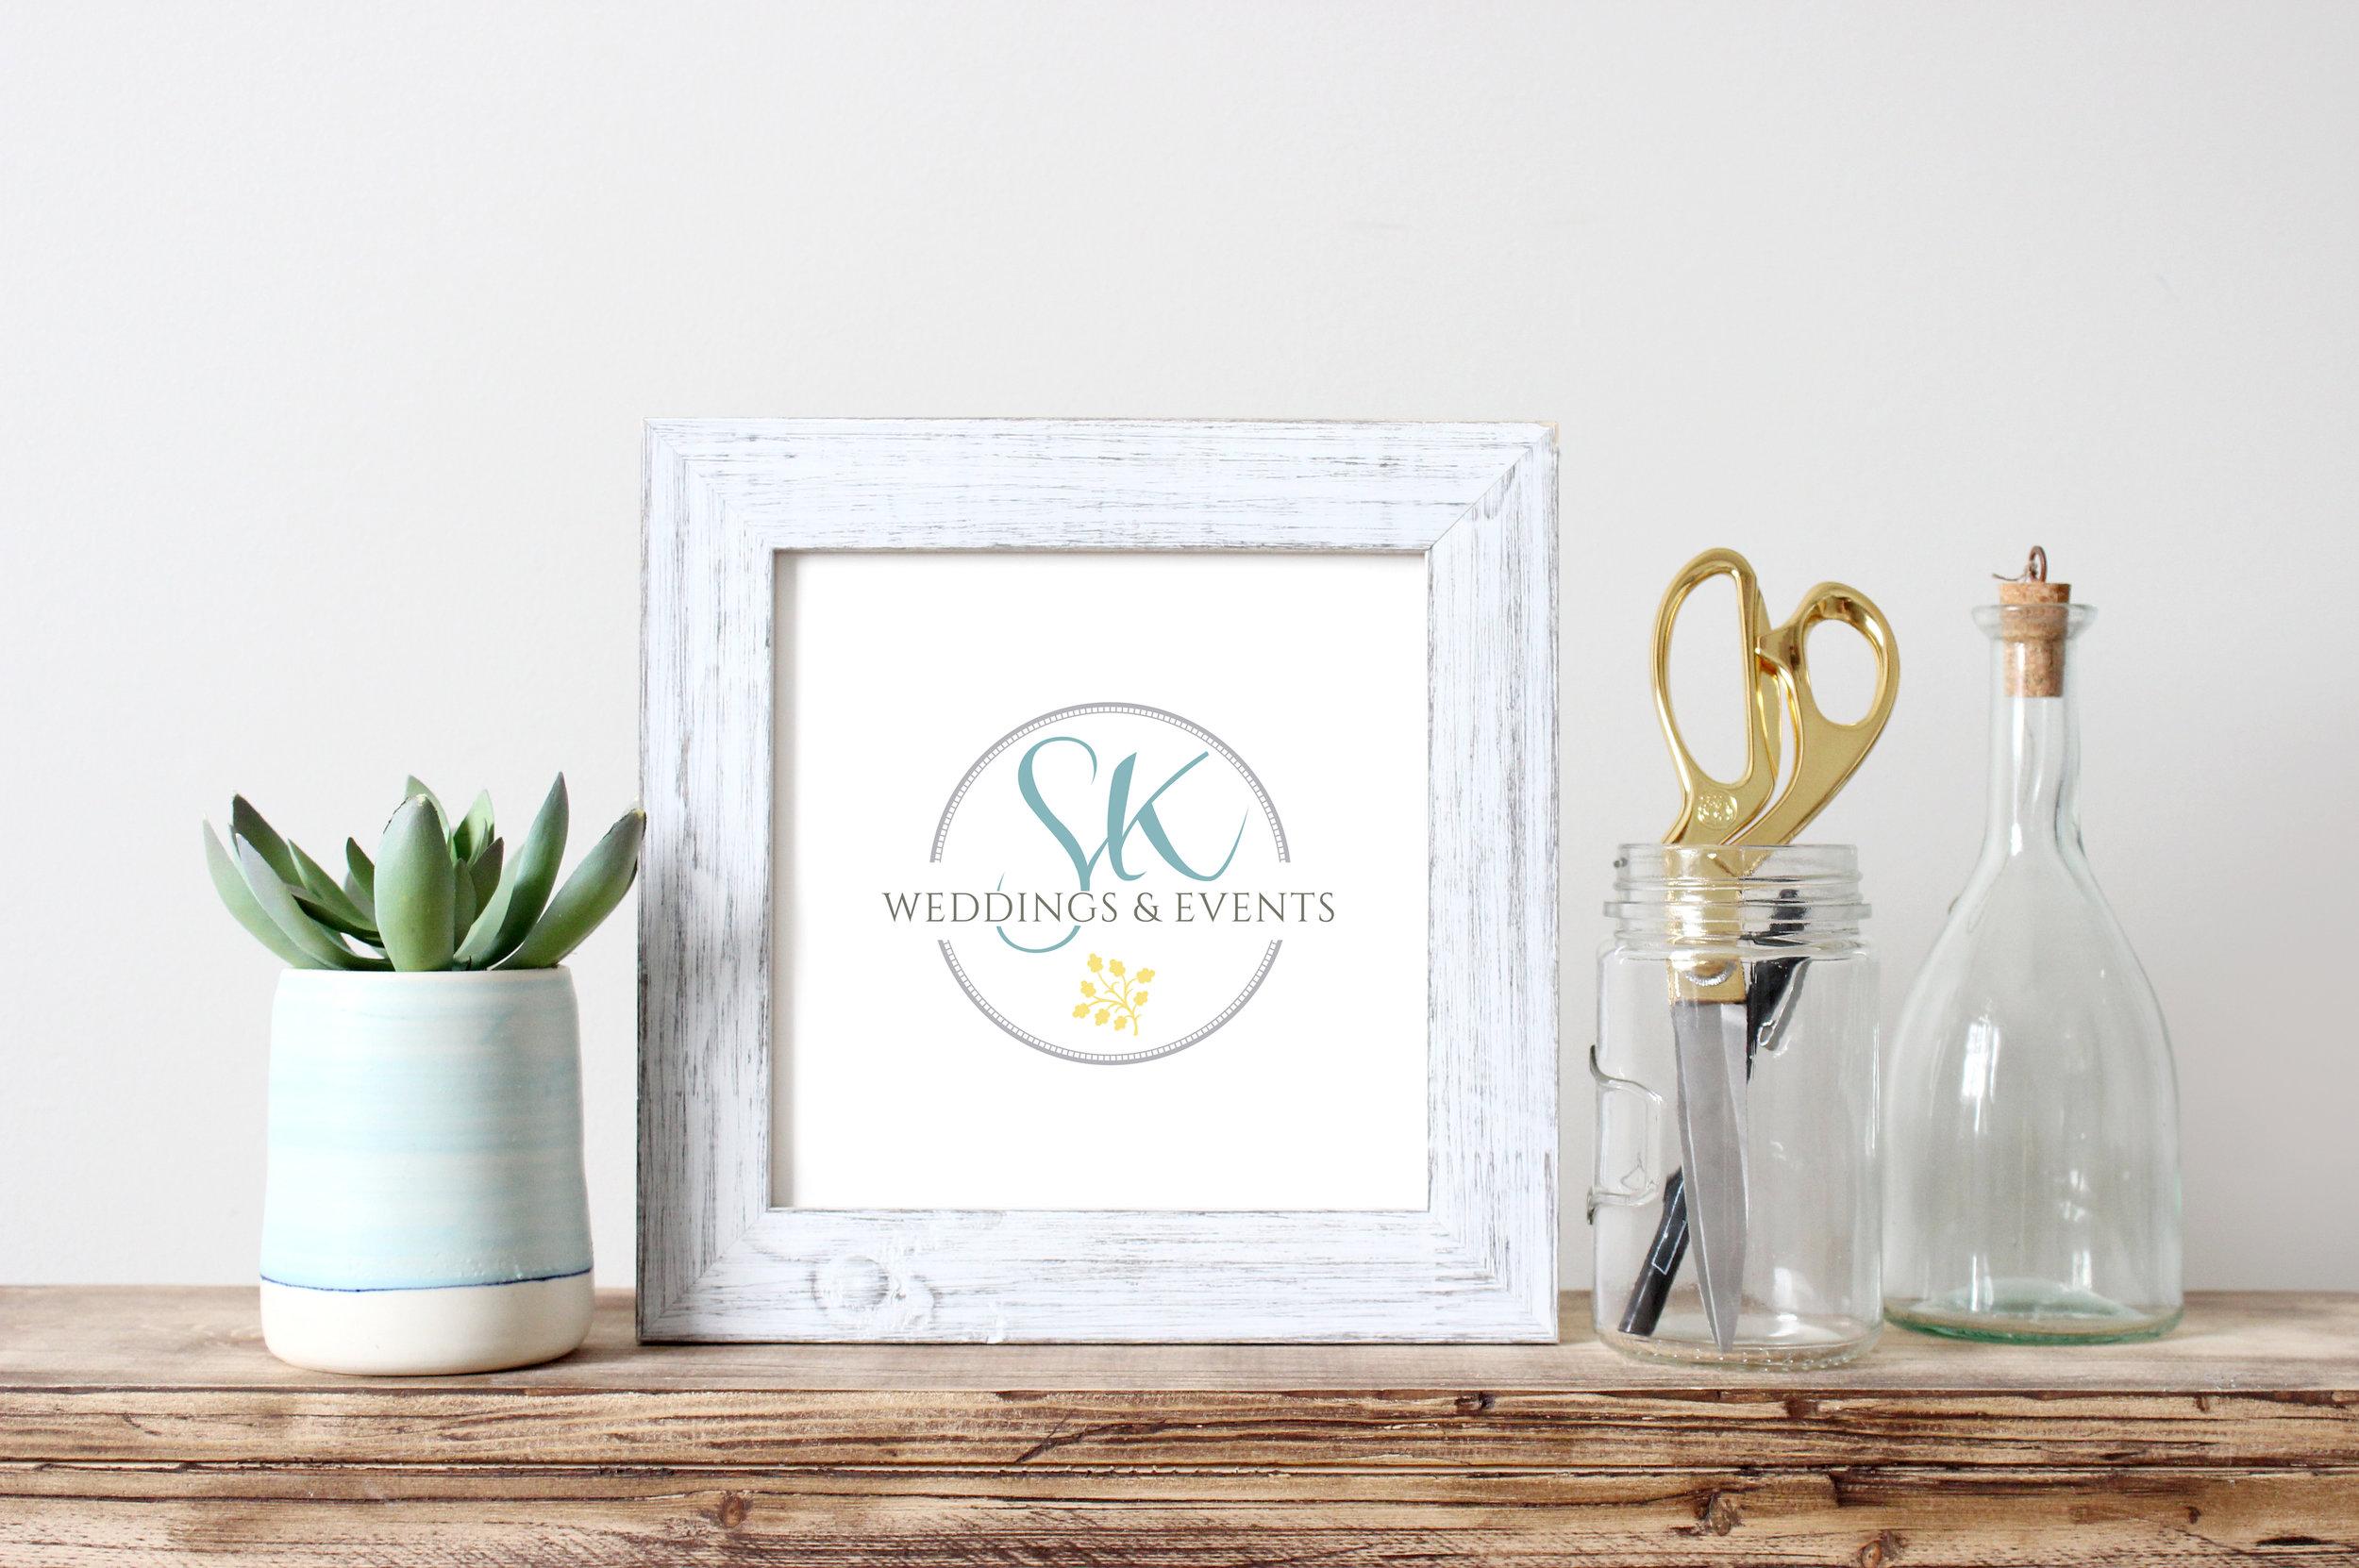 SK-Events-frame